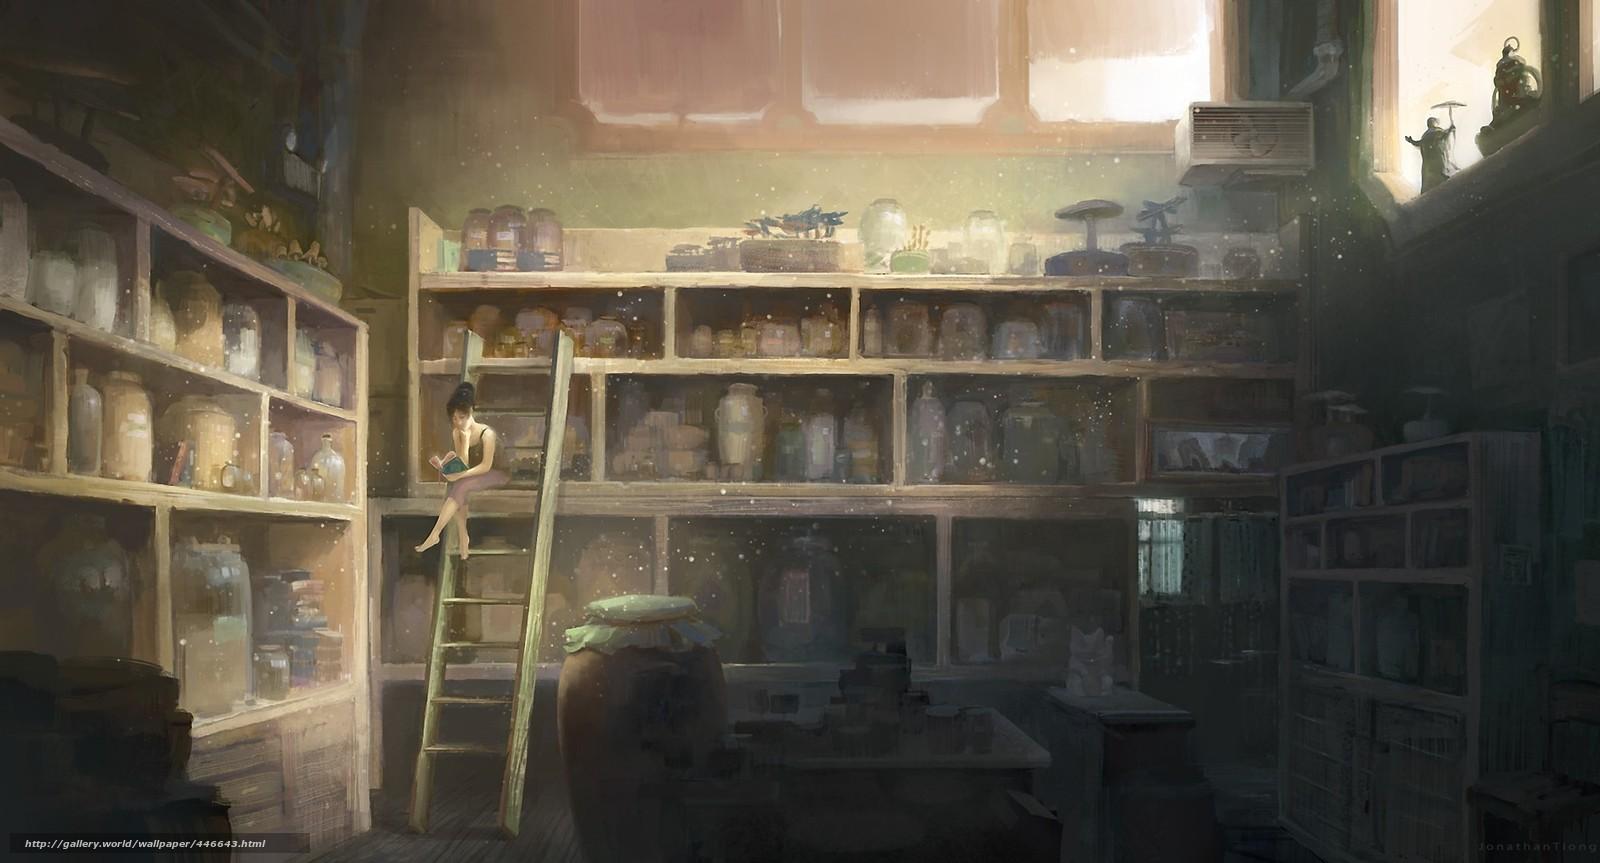 Скачать обои арт,  девушка,  книги,  библиотека бесплатно для рабочего стола в разрешении 2002x1080 — картинка №446643